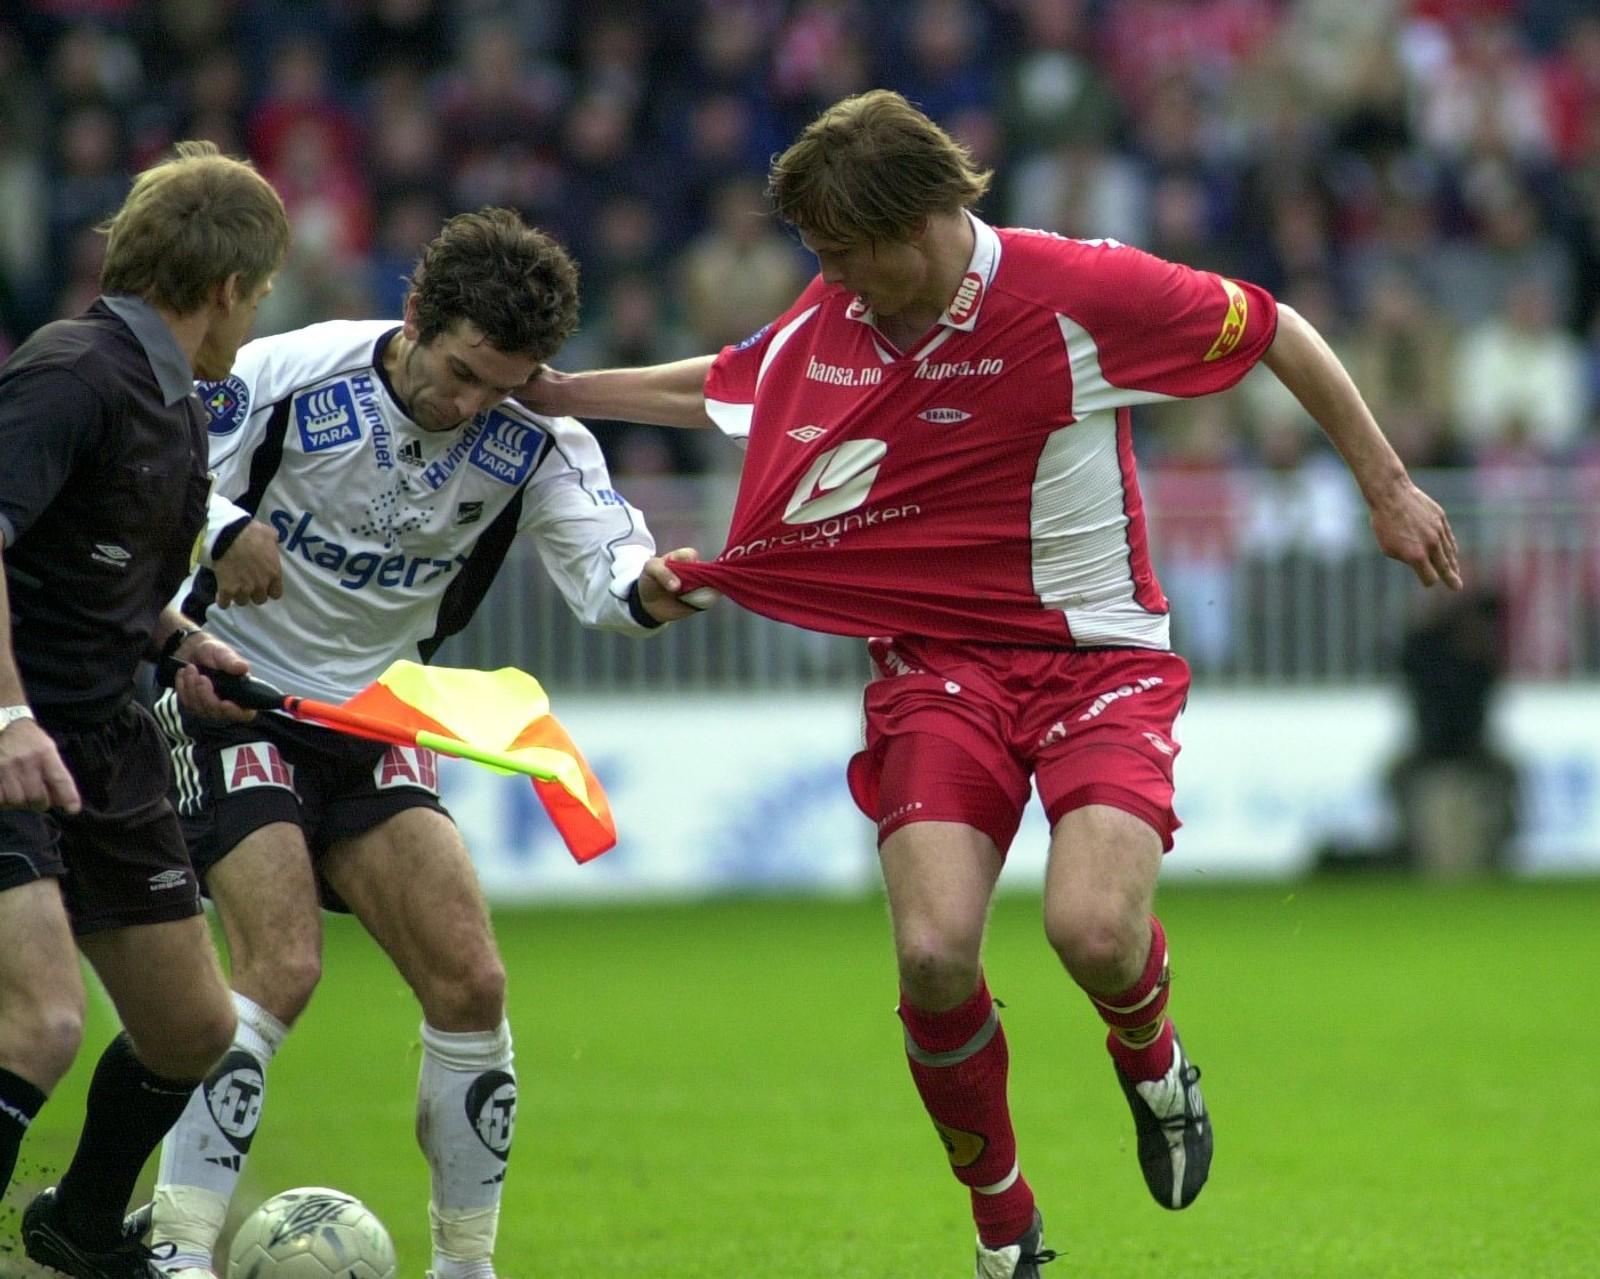 DRAKTRØSK: Odds Espen Hoff prøver å rive av Hanstveit den røde drakten på Brann Stadion i 2004.